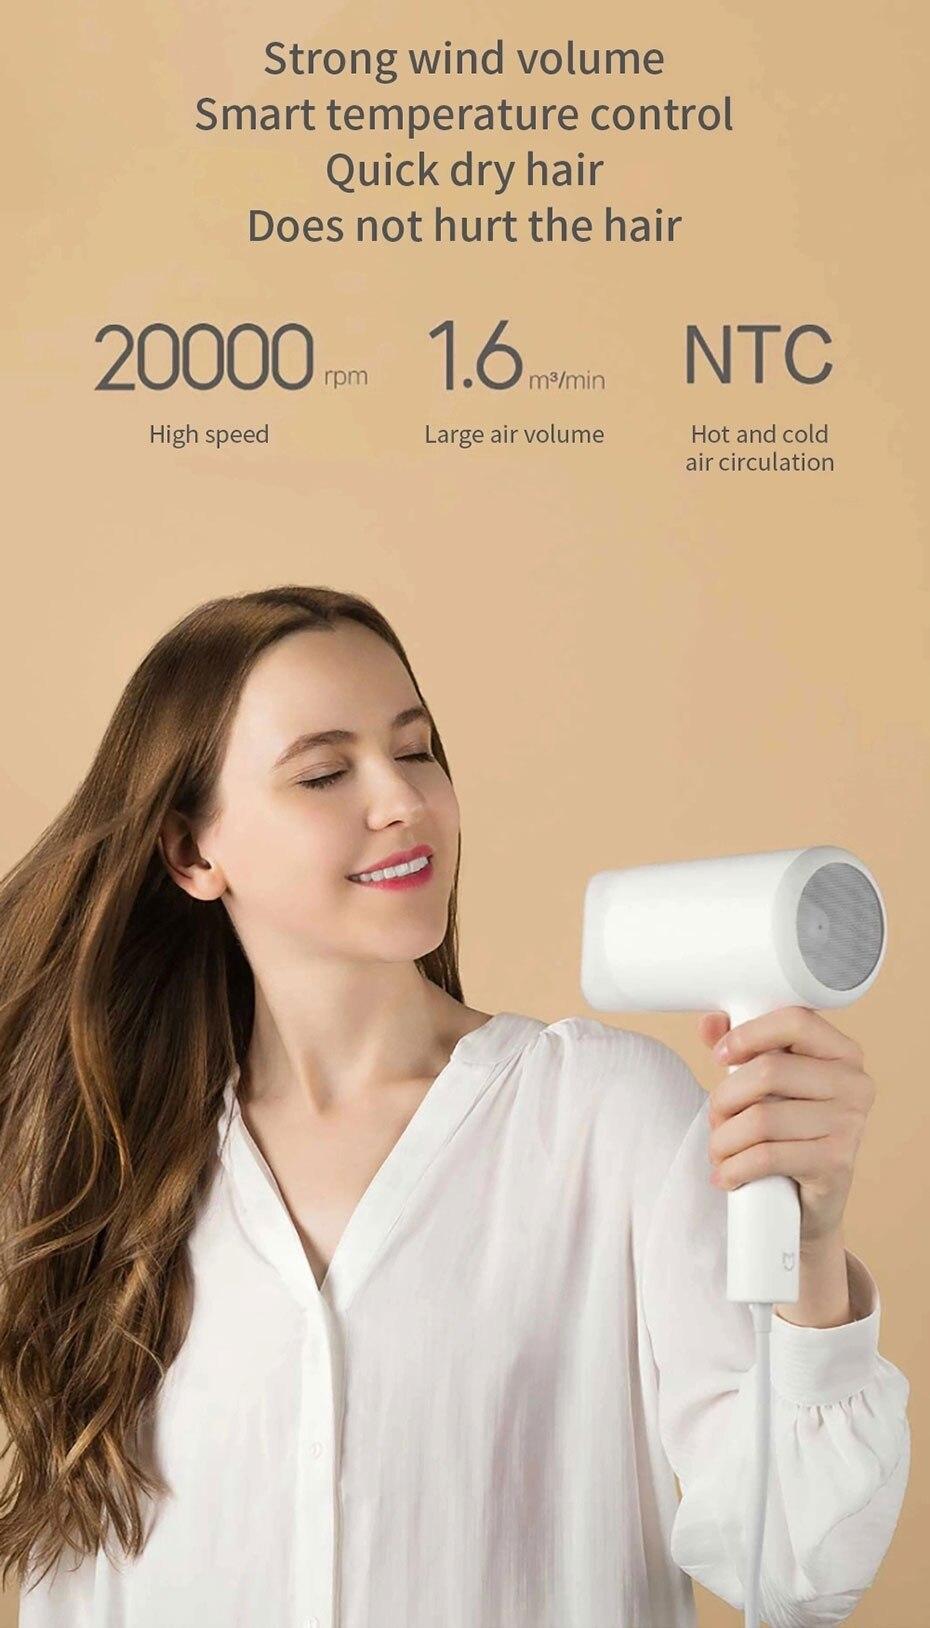 profissional secagem rápida portátil viagem difuso cabelo